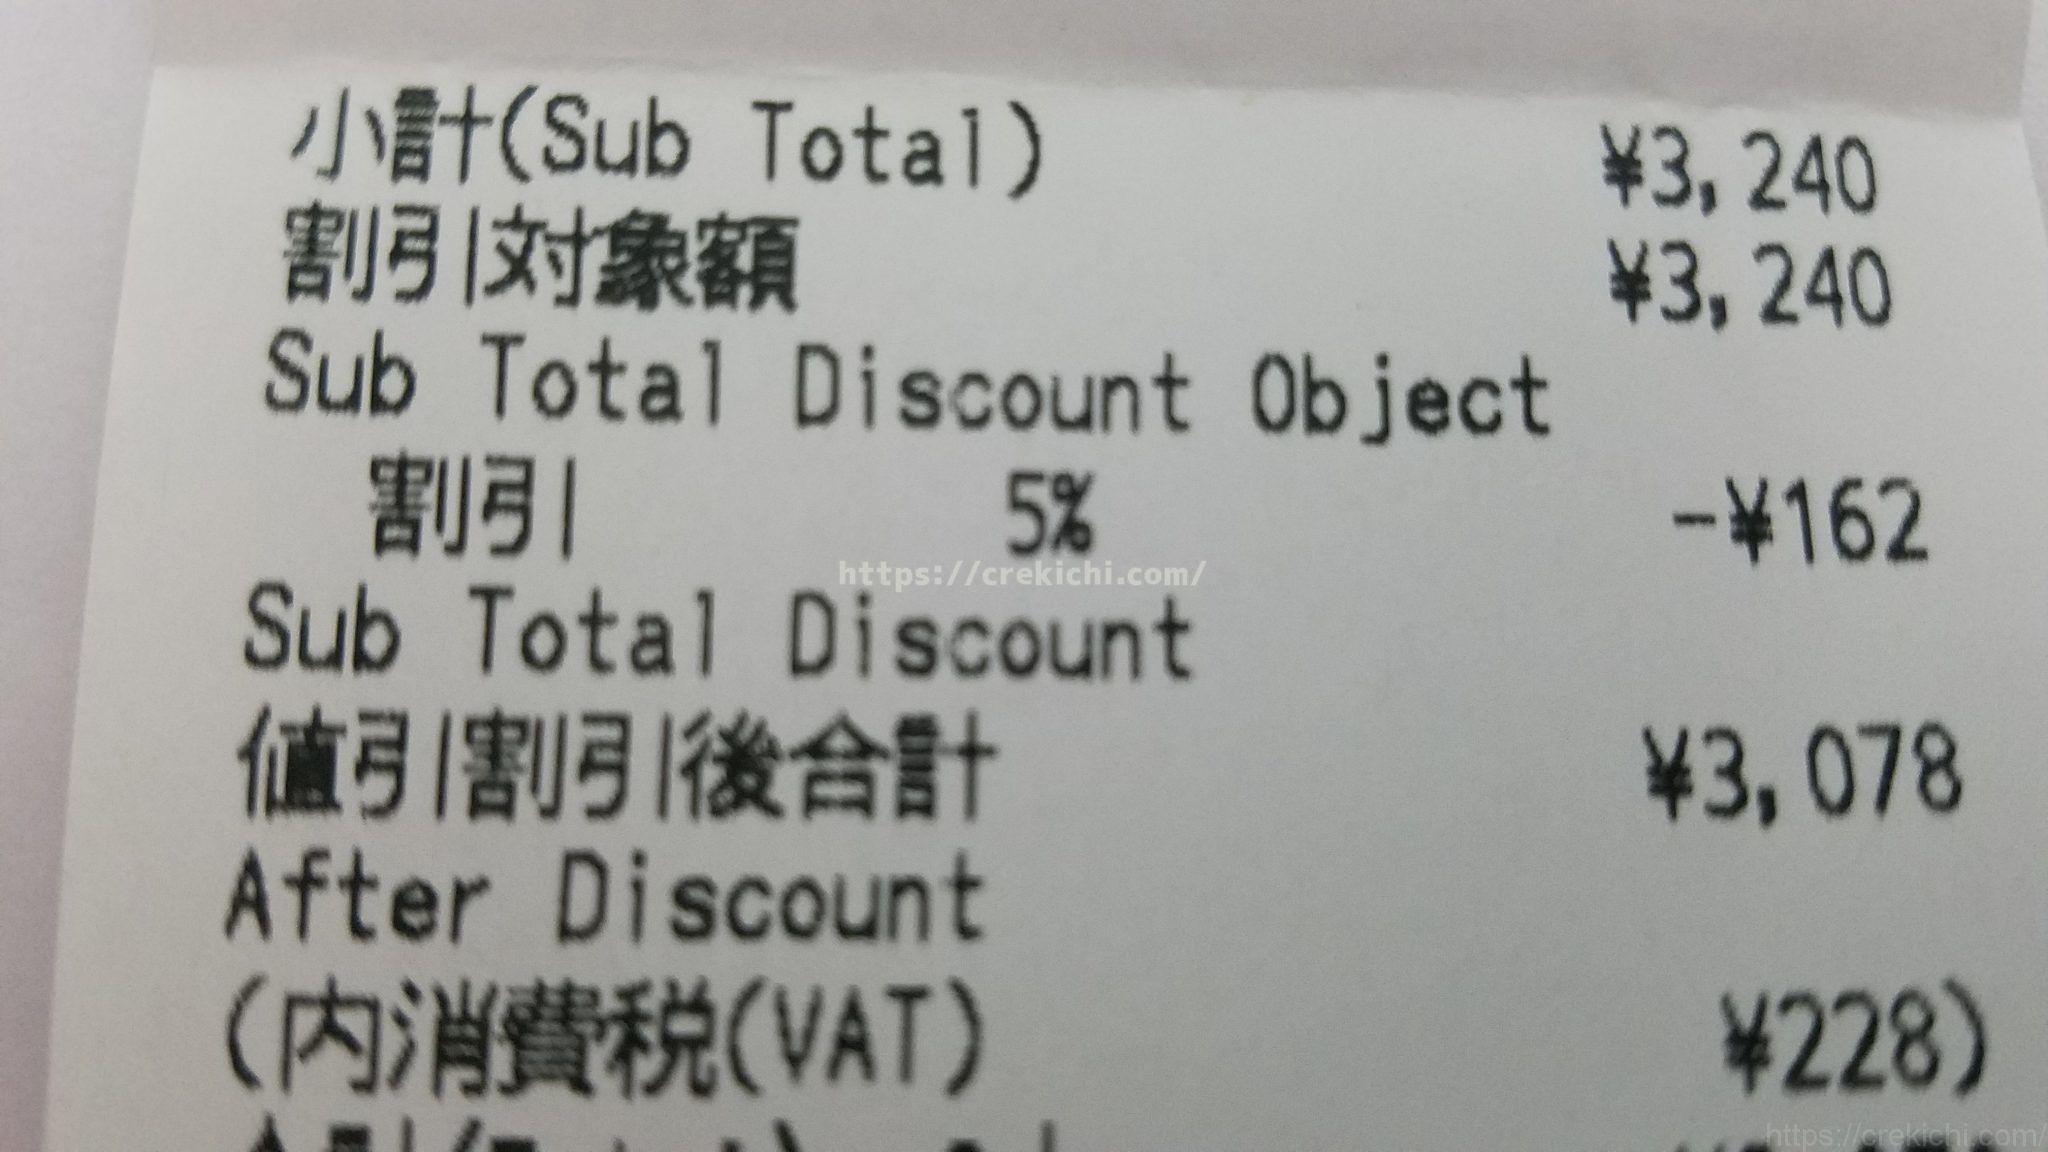 JALカード割引で5%引き